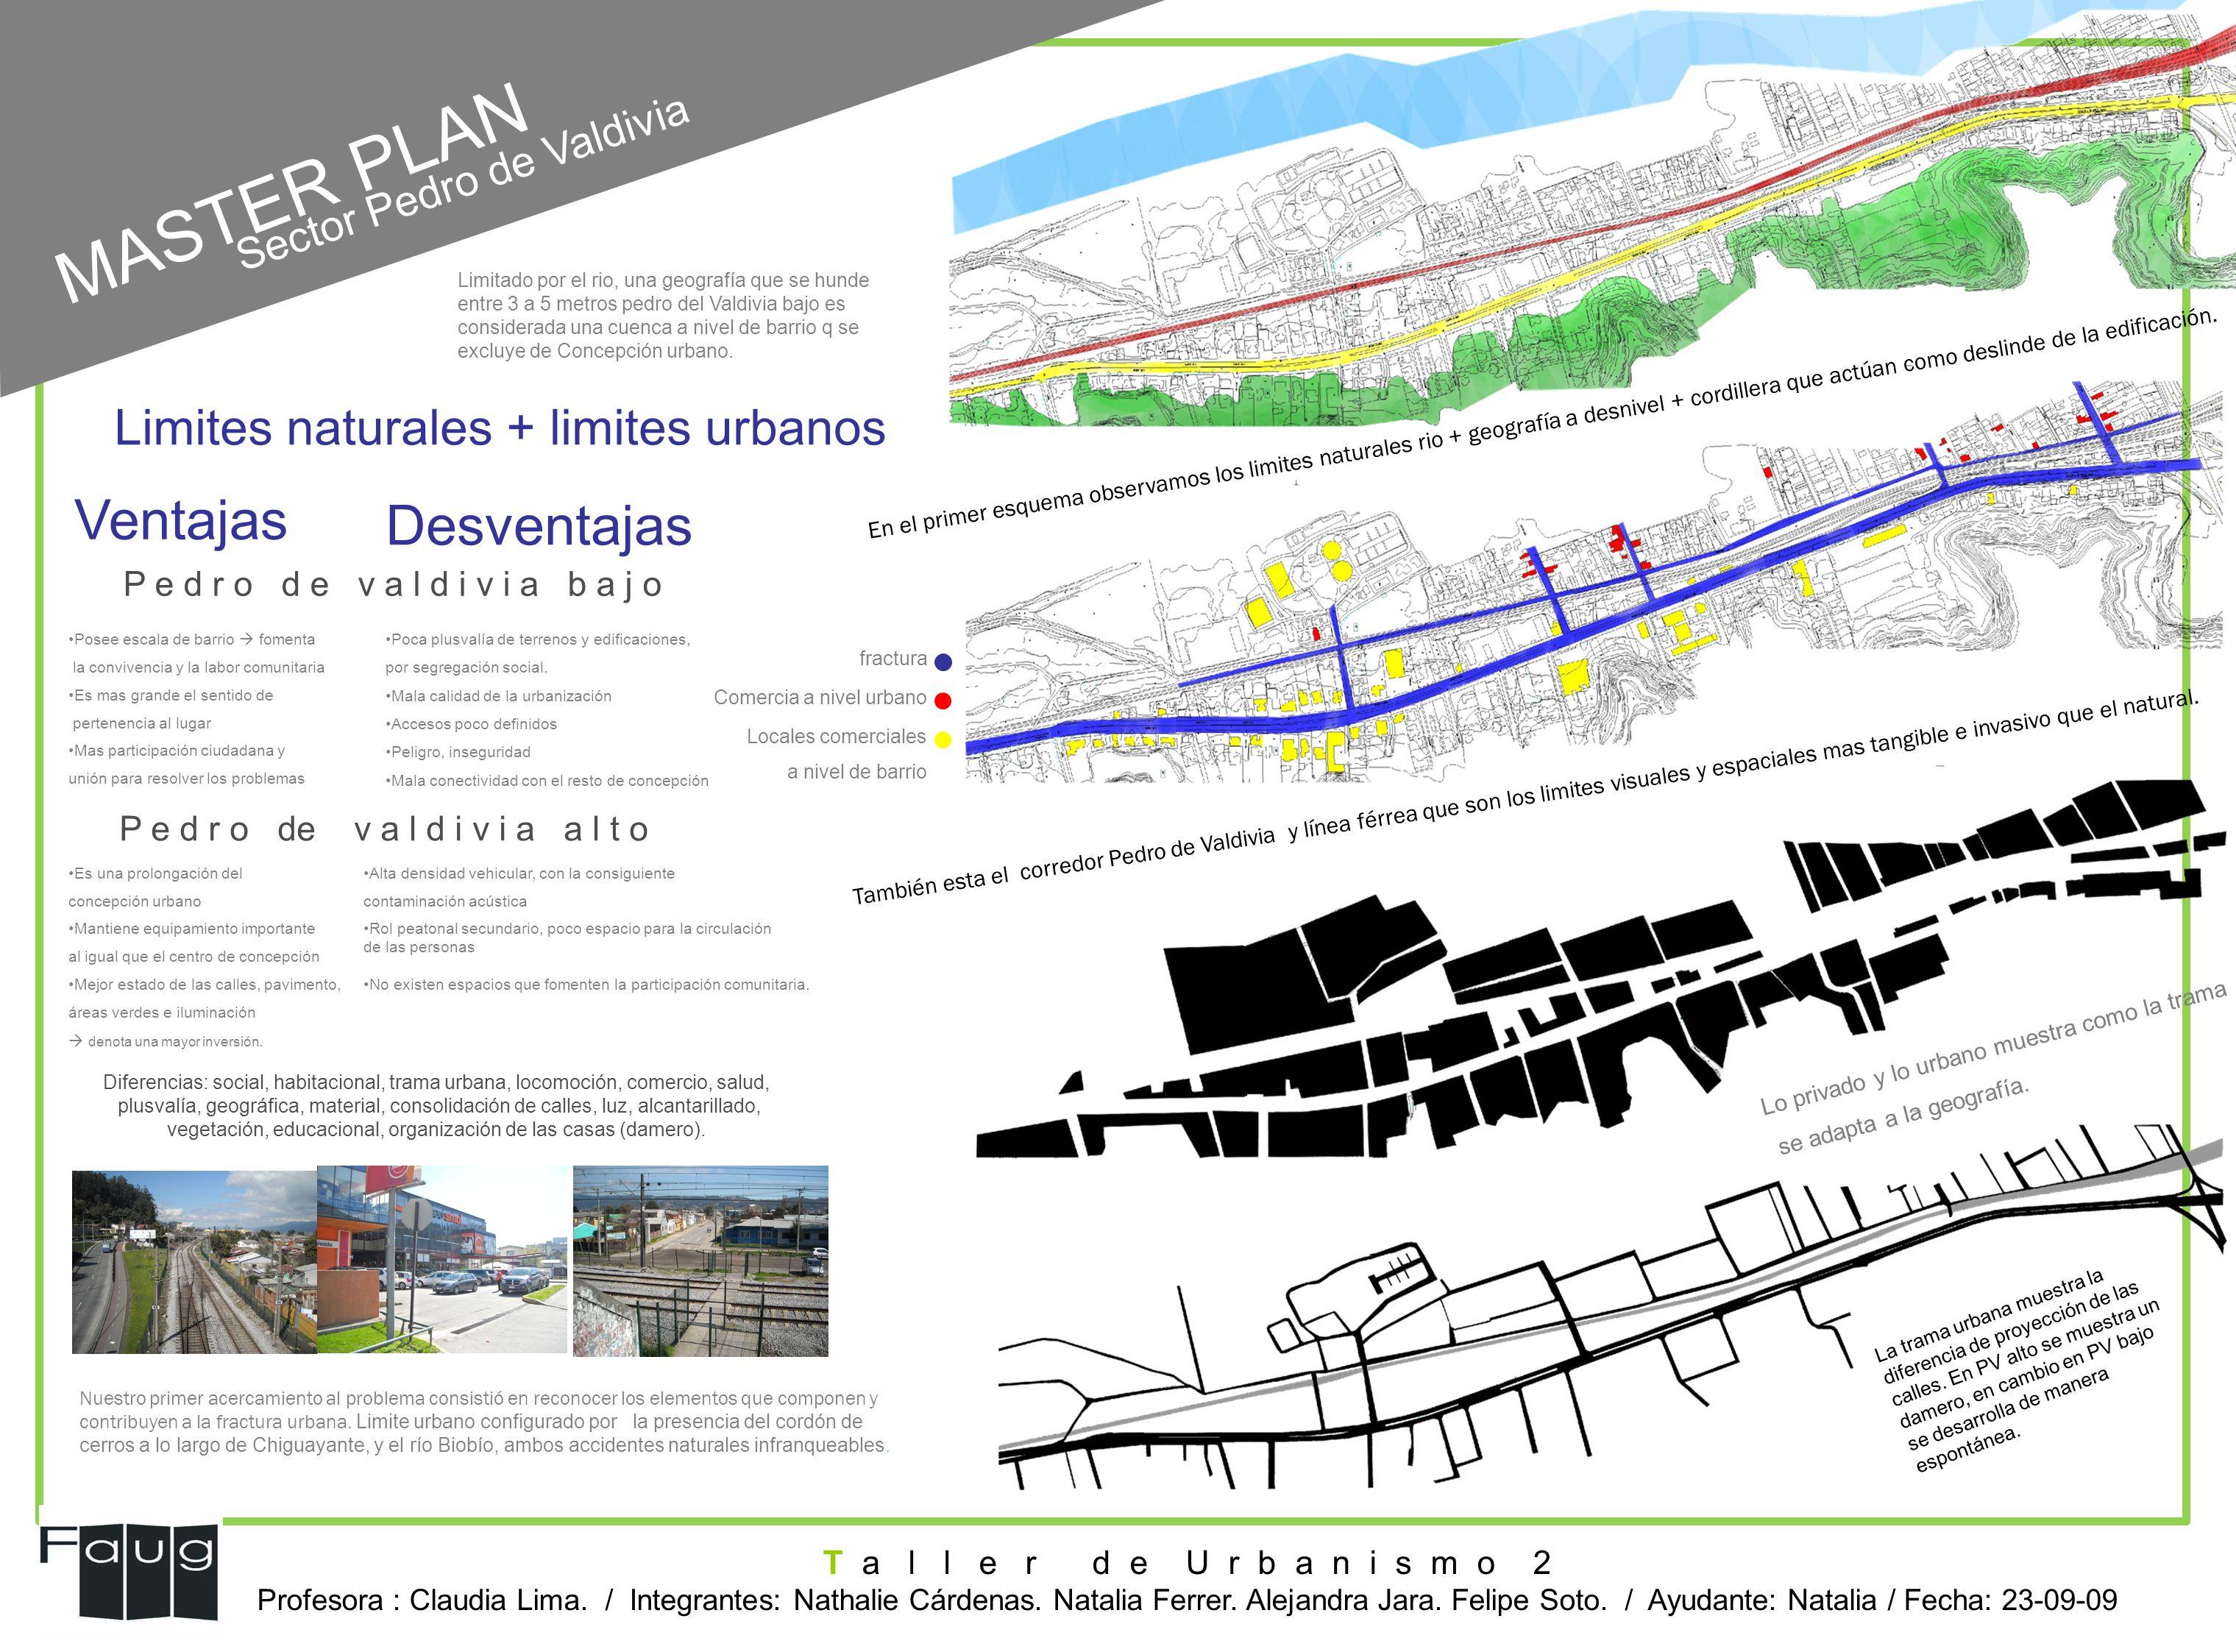 En el primer esquema observamos los limites naturales rio + geografía a desnivel + cordillera que actúan como deslinde de la edificación. También esta